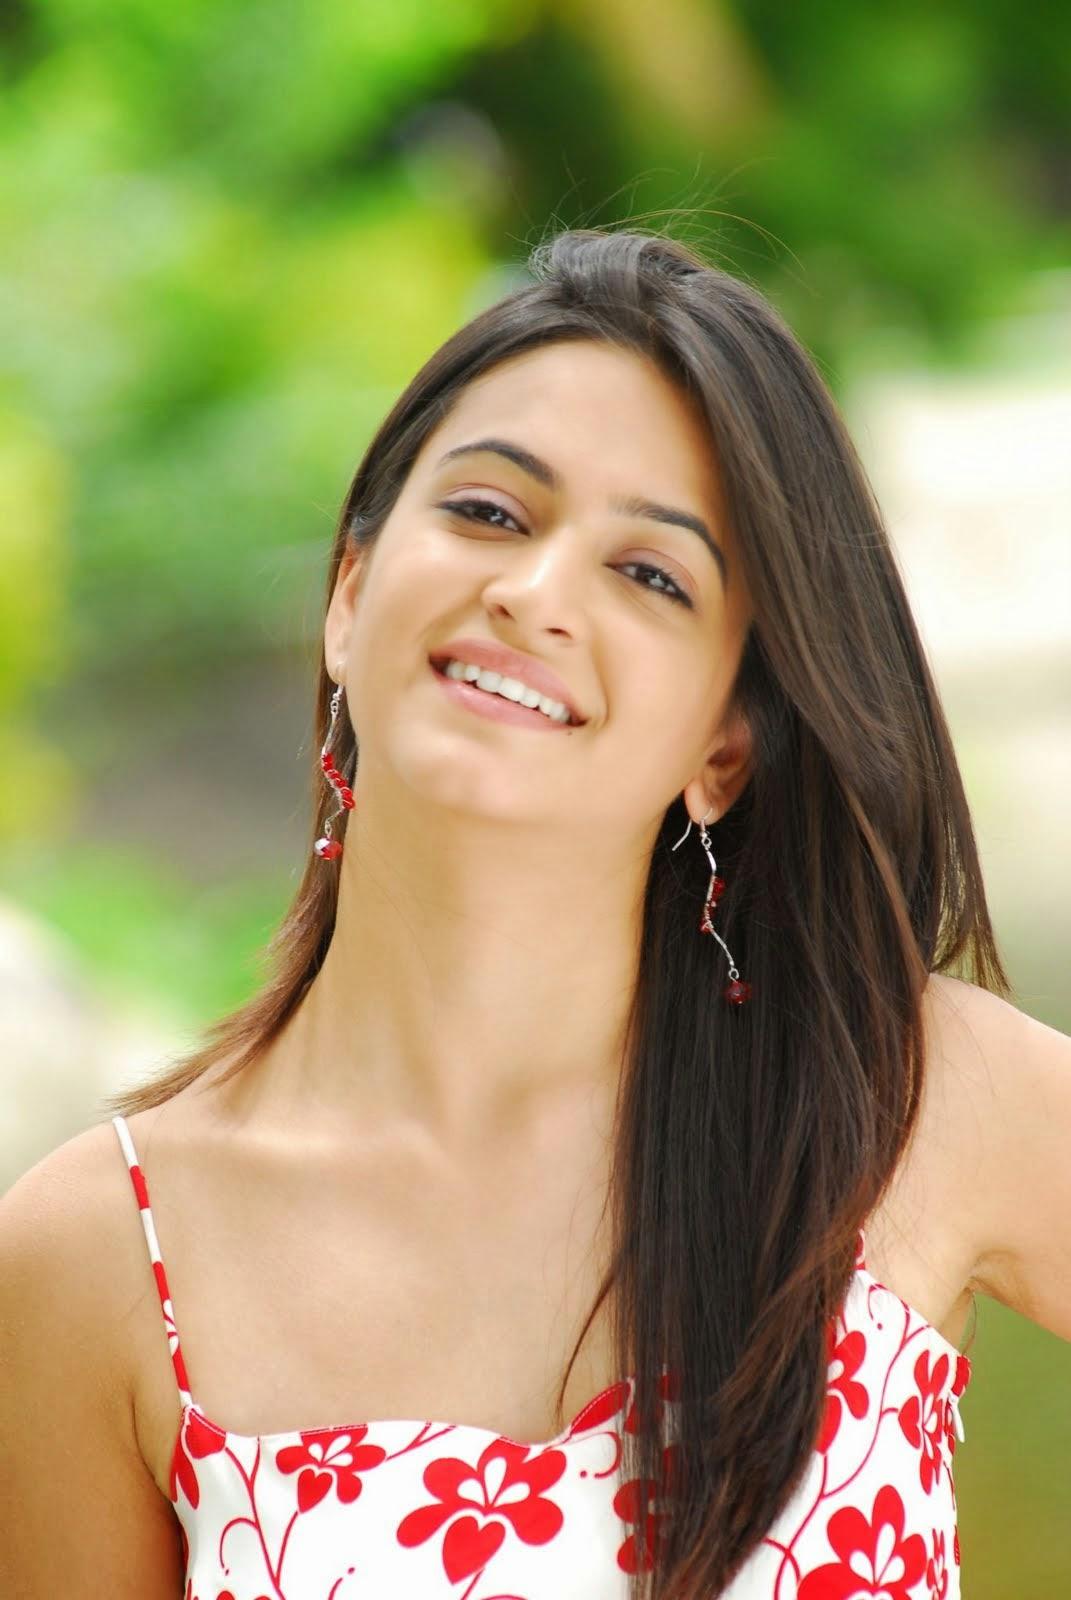 Film Actress Hd Wallpapers Kriti Kharbanda Cute Smile Stills Cap